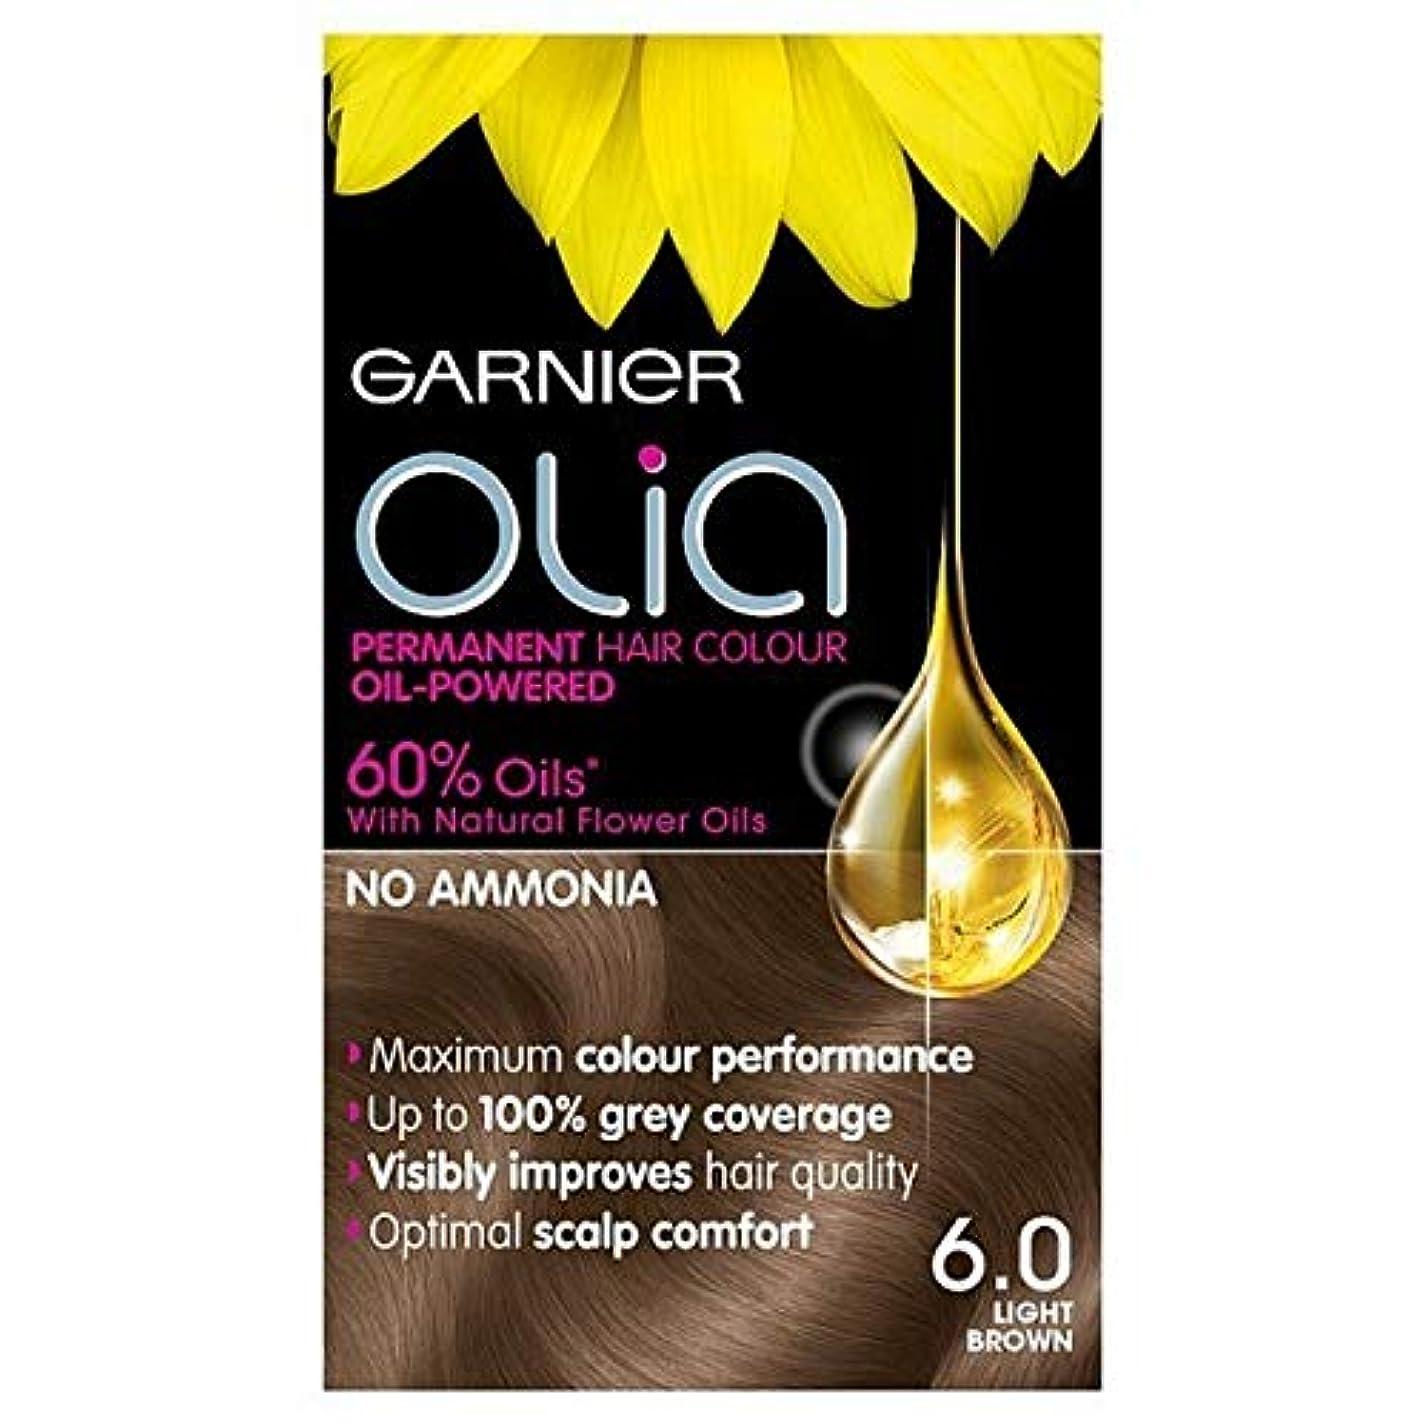 テクニカル数学オーロック[Garnier ] 6.0ライトブラウンガルニエOliaパーマネントヘアダイ - Garnier Olia Permanent Hair Dye Light Brown 6.0 [並行輸入品]